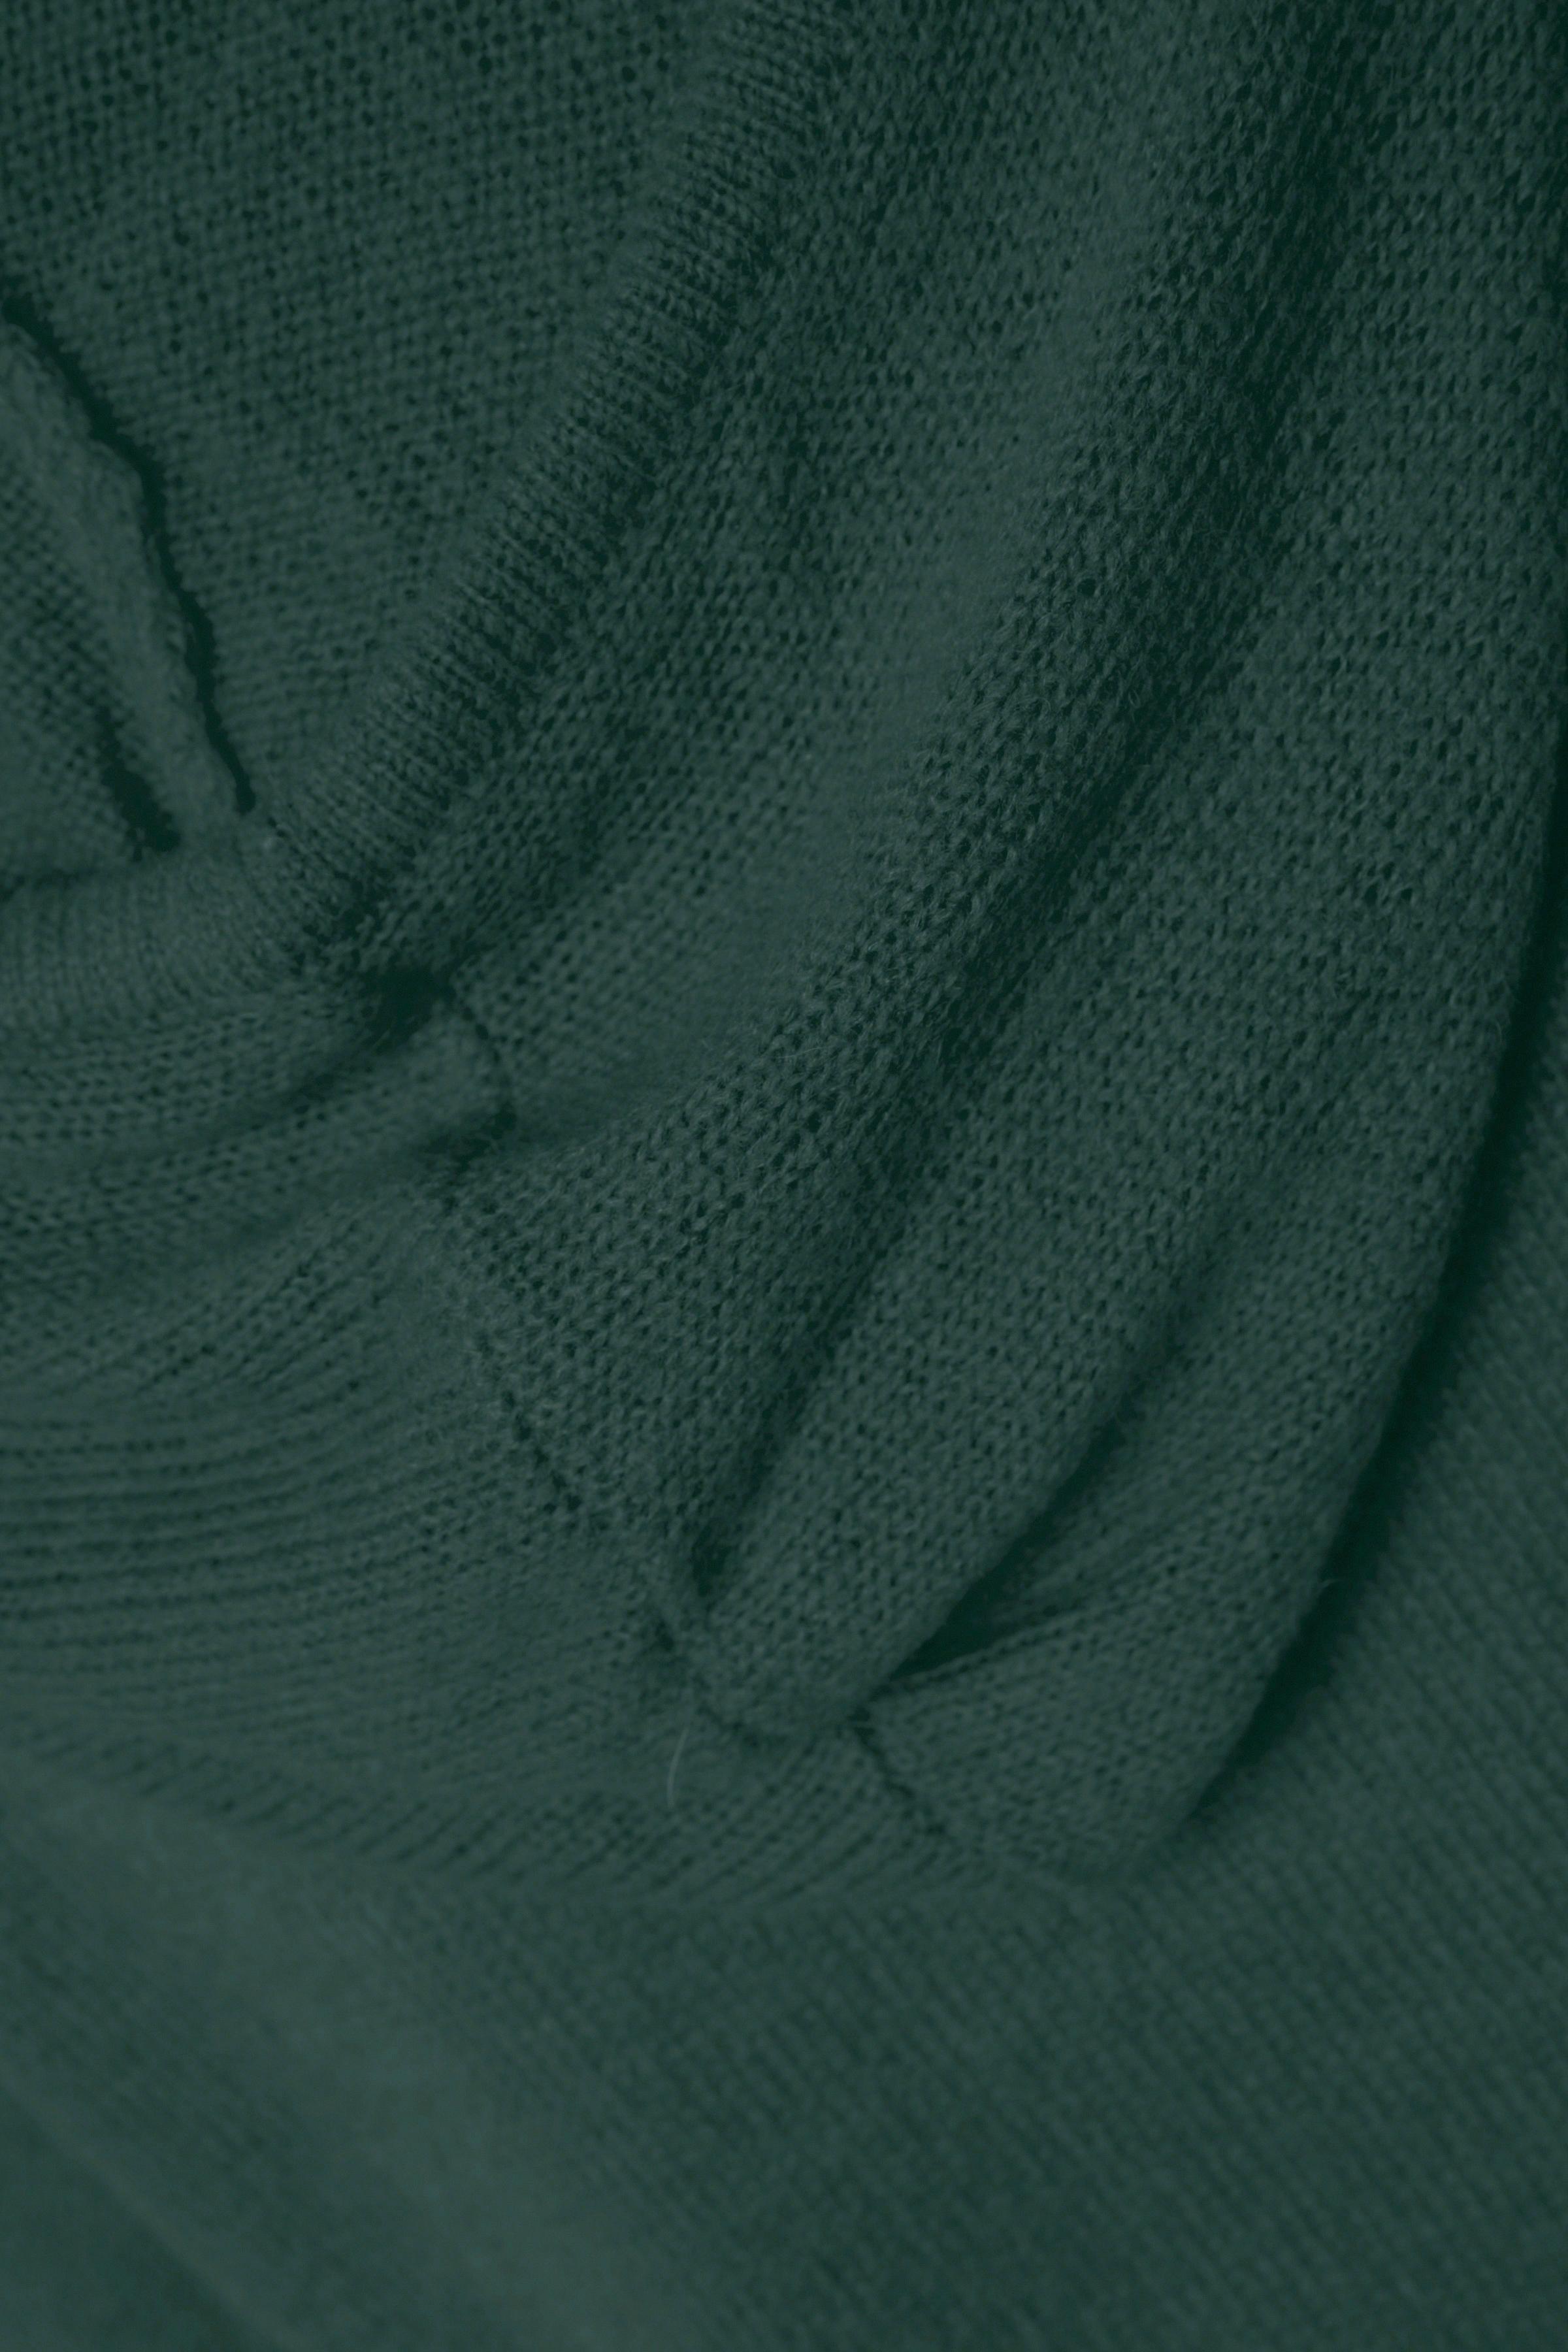 Mørk flaskegrøn Hættetrøje  fra Denim Hunter – Køb Mørk flaskegrøn Hættetrøje  fra str. XS-XXL her